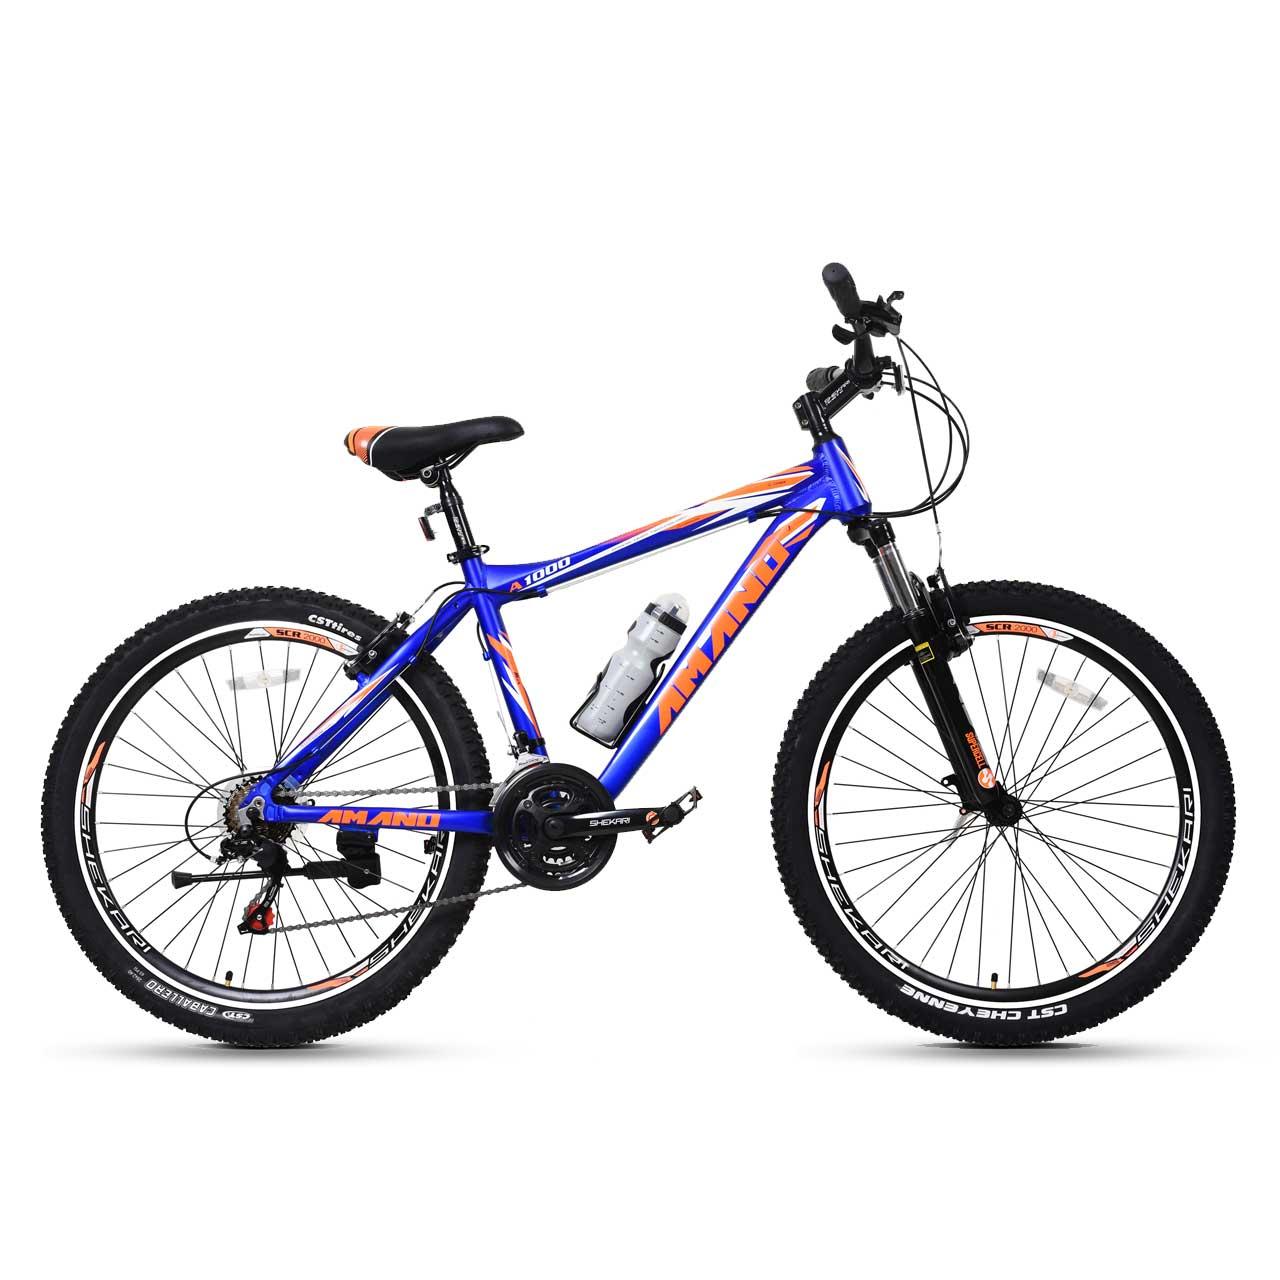 دوچرخه کوهستان آمانو مدل A1000 سایز ۲۶